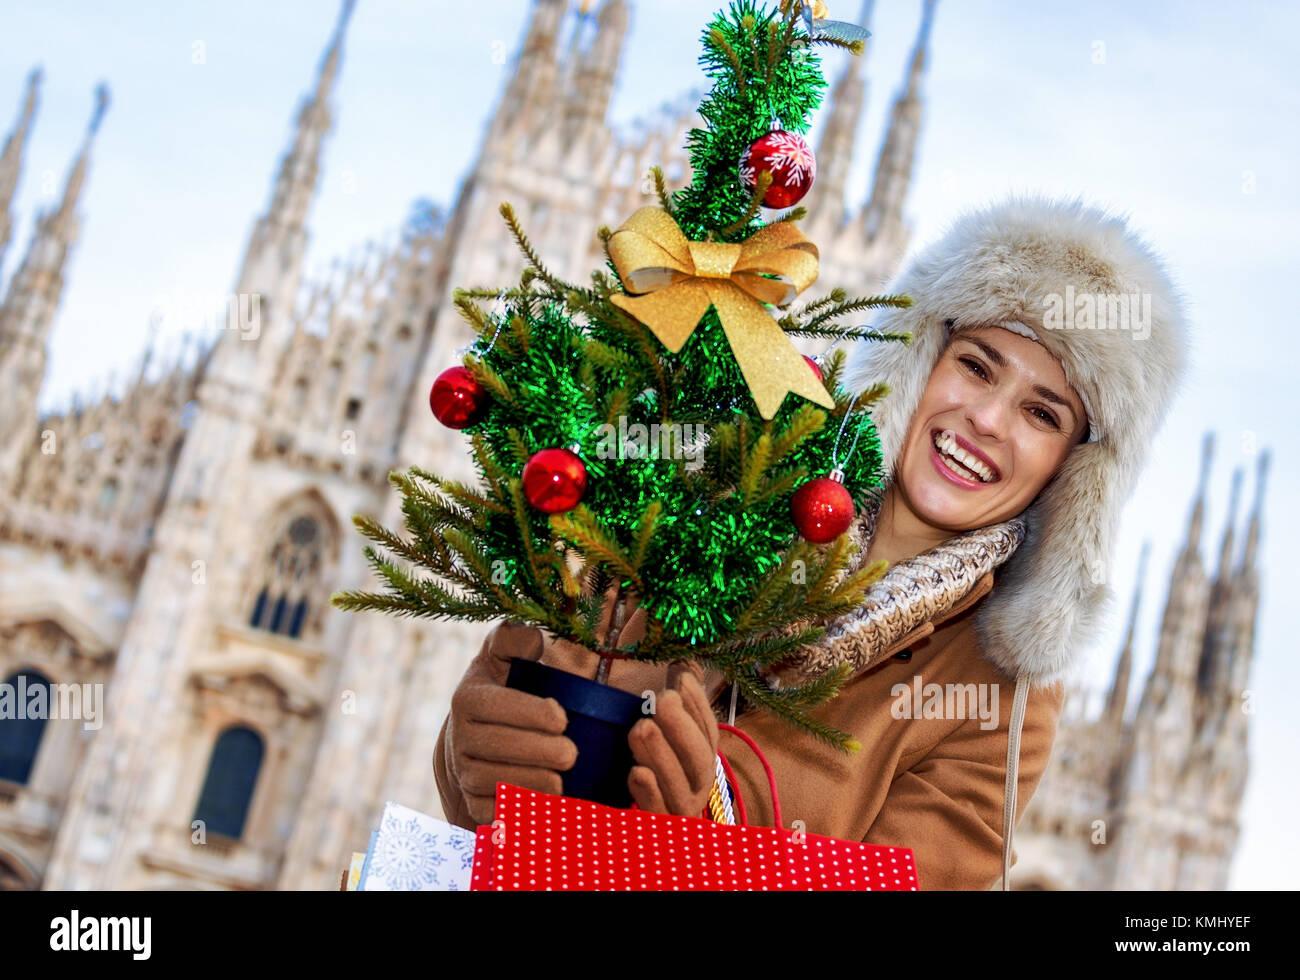 Spaß Weihnachten Reise nach Mailand, Italien. Portrait von glücklich ...